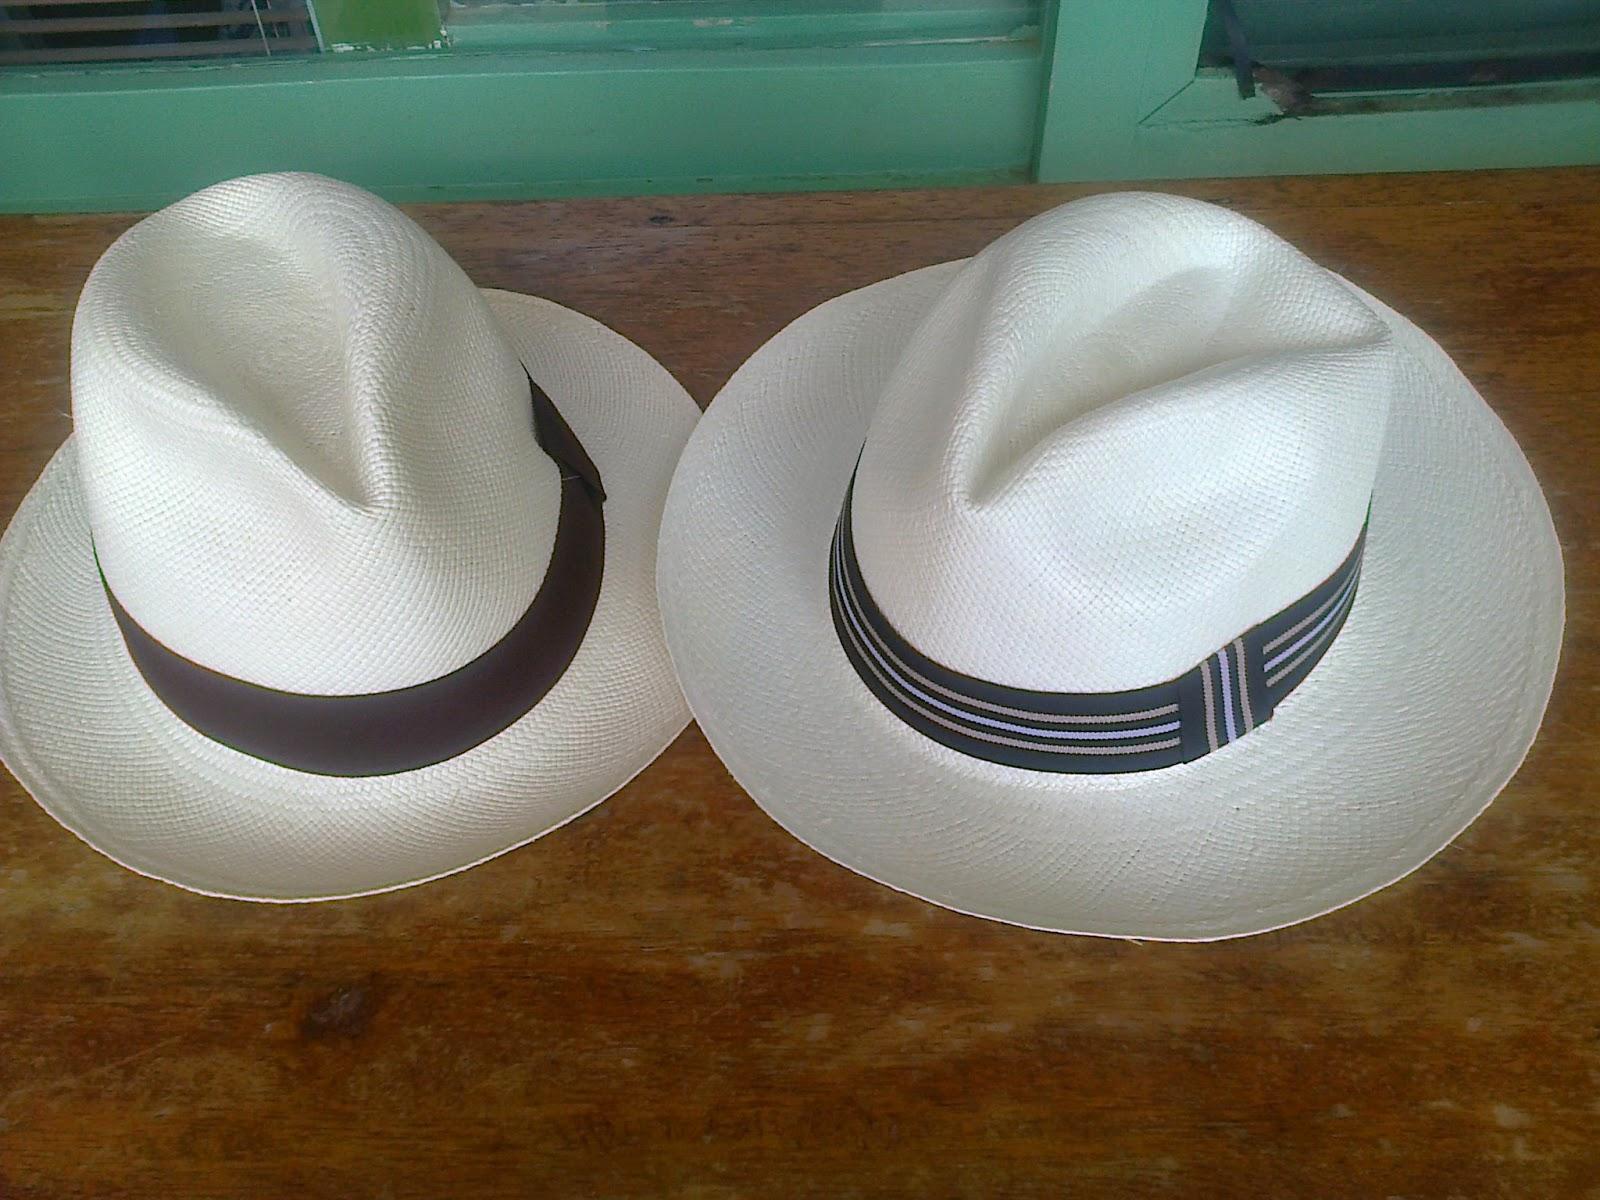 Sombrero peruano en peligro de extincion jpg 1600x1200 Sombrero norteno 9c361e0ddc9